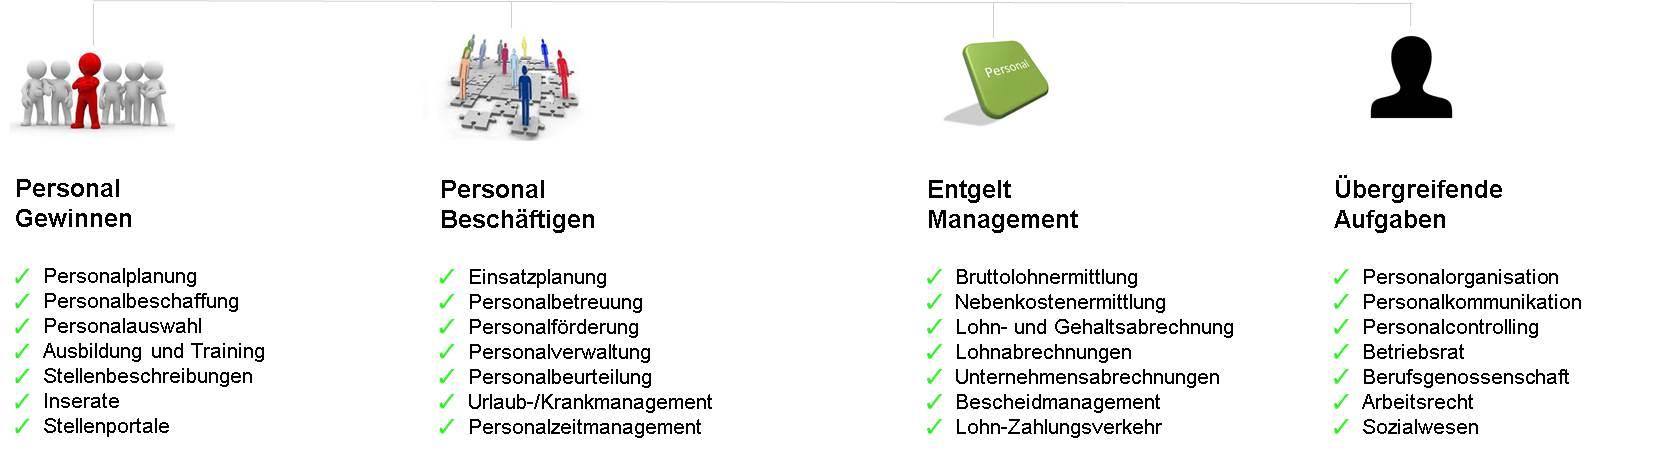 hmd software   Unternehmenslösungen Personalmanagement